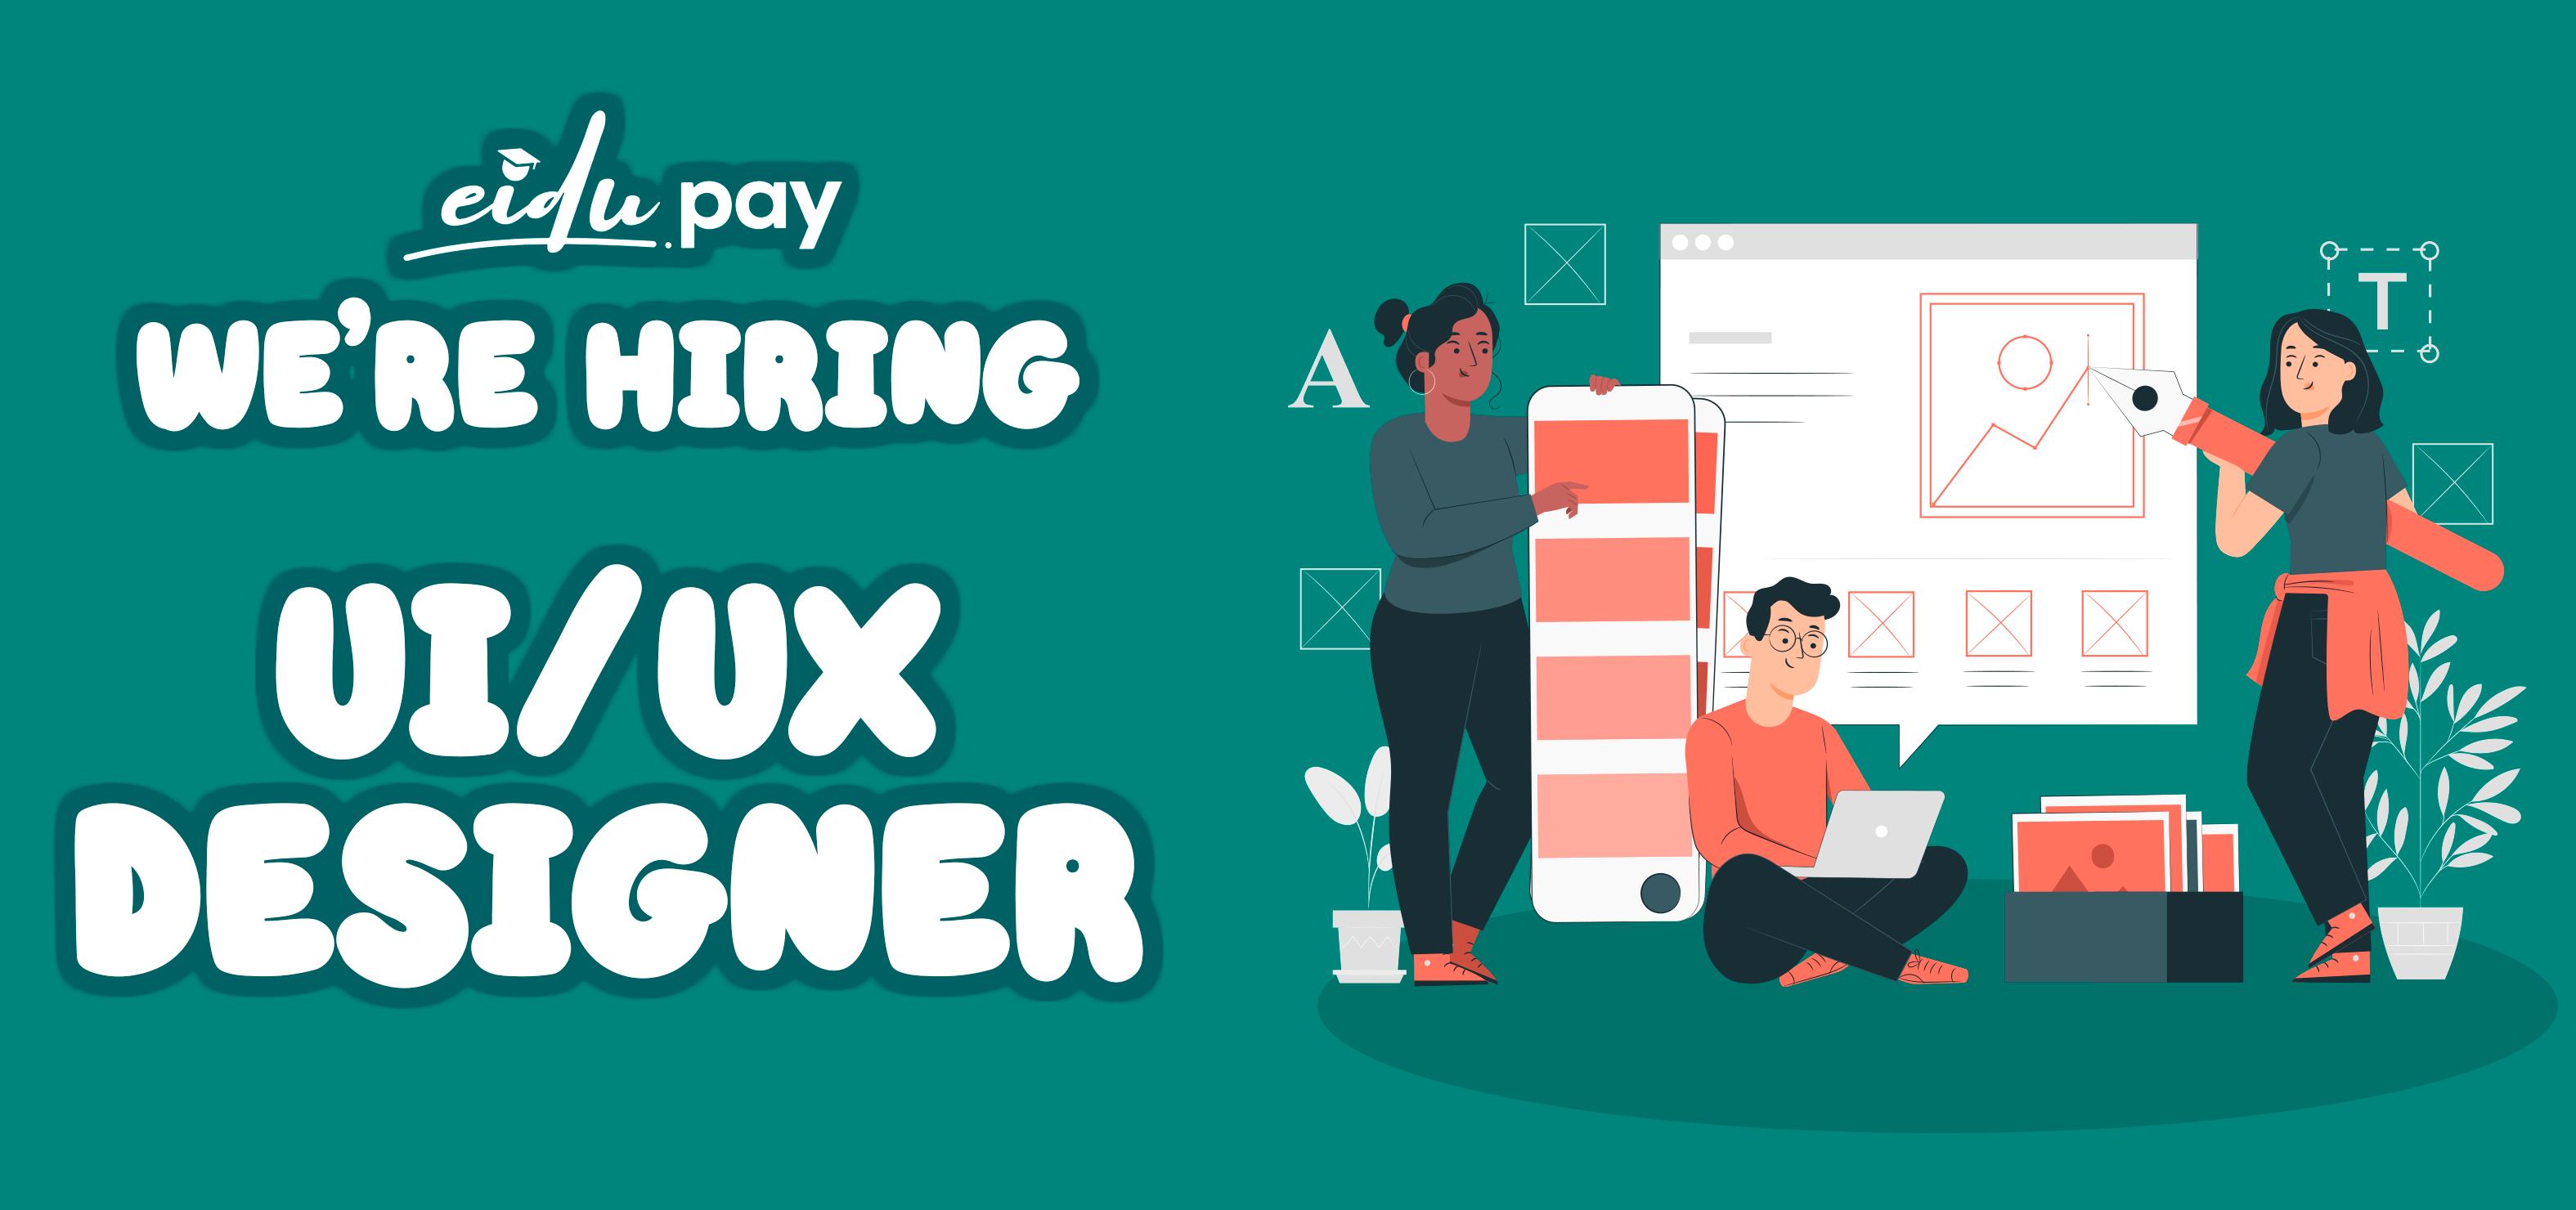 WE ARE HIRING UI/UX DESIGNER